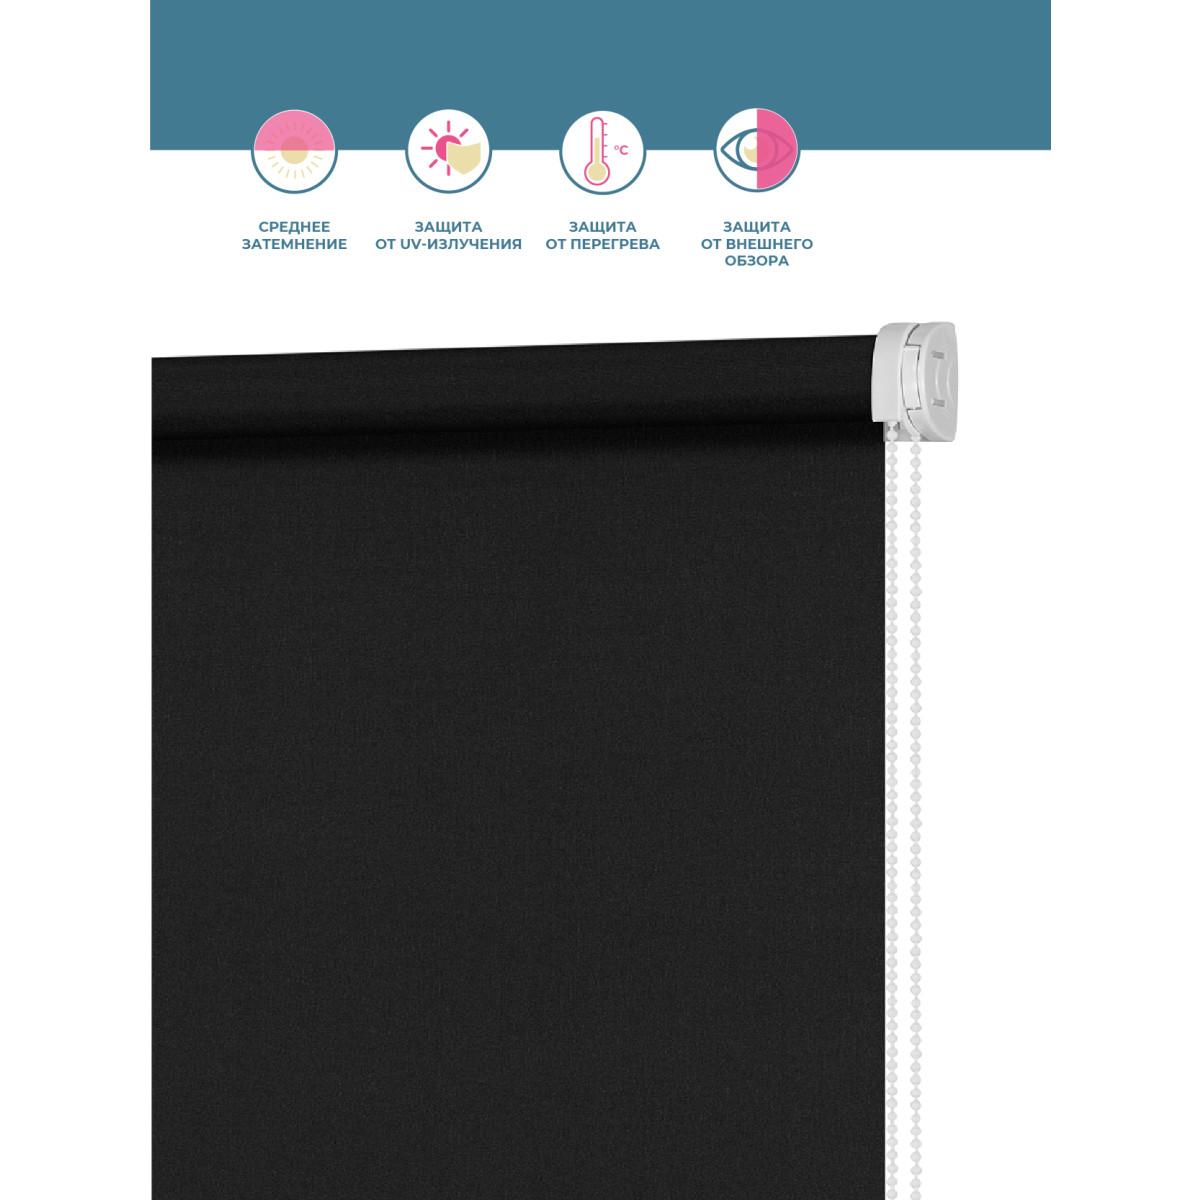 Рулонная Ора Decofest Плайн 120Х160 Цвет Черный